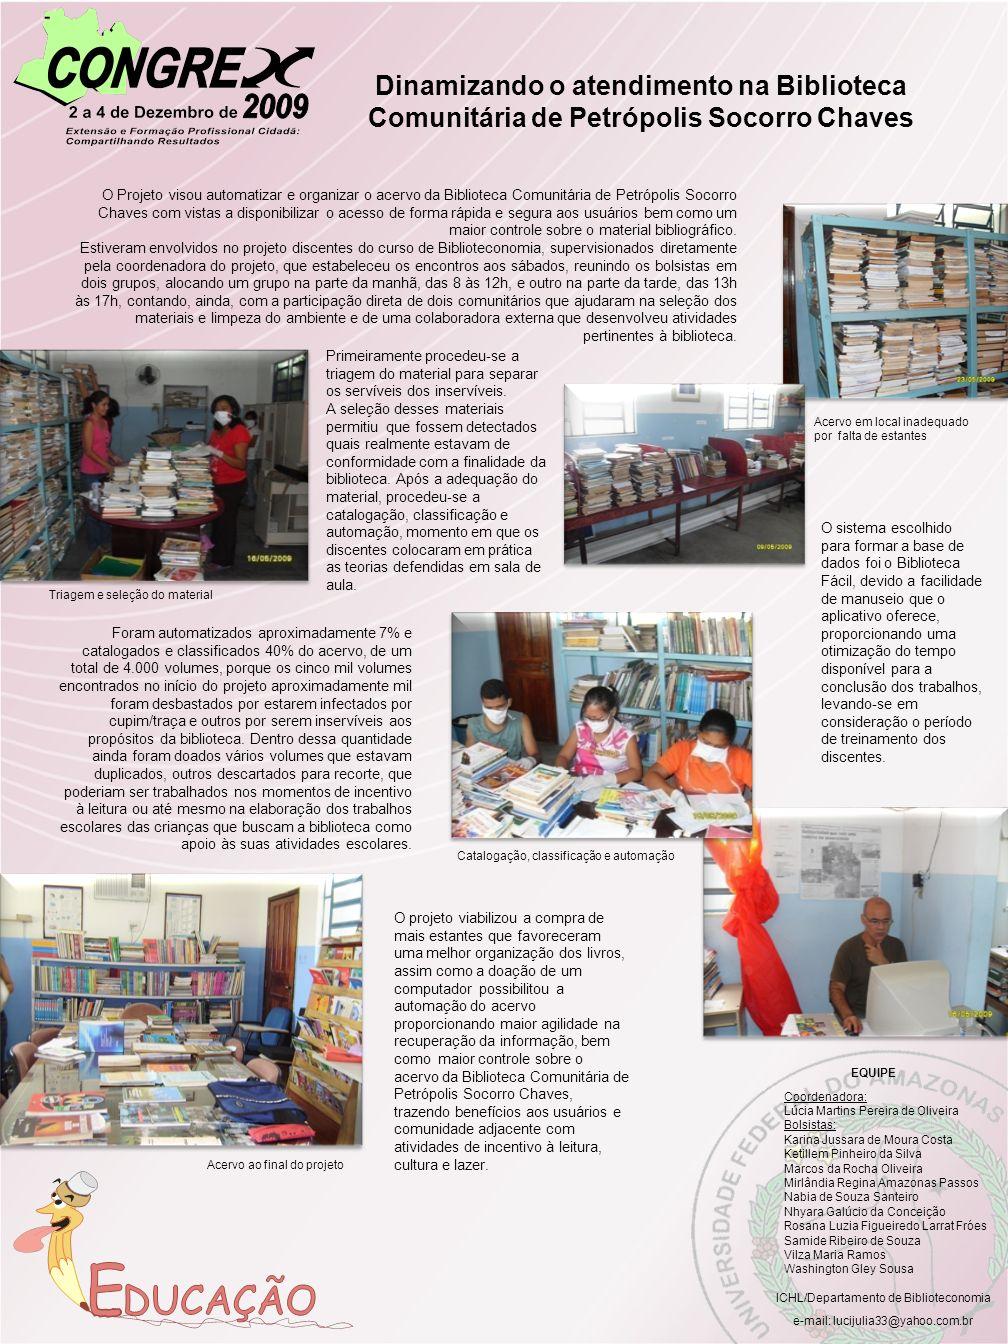 e-mail: lucijulia33@yahoo.com.br